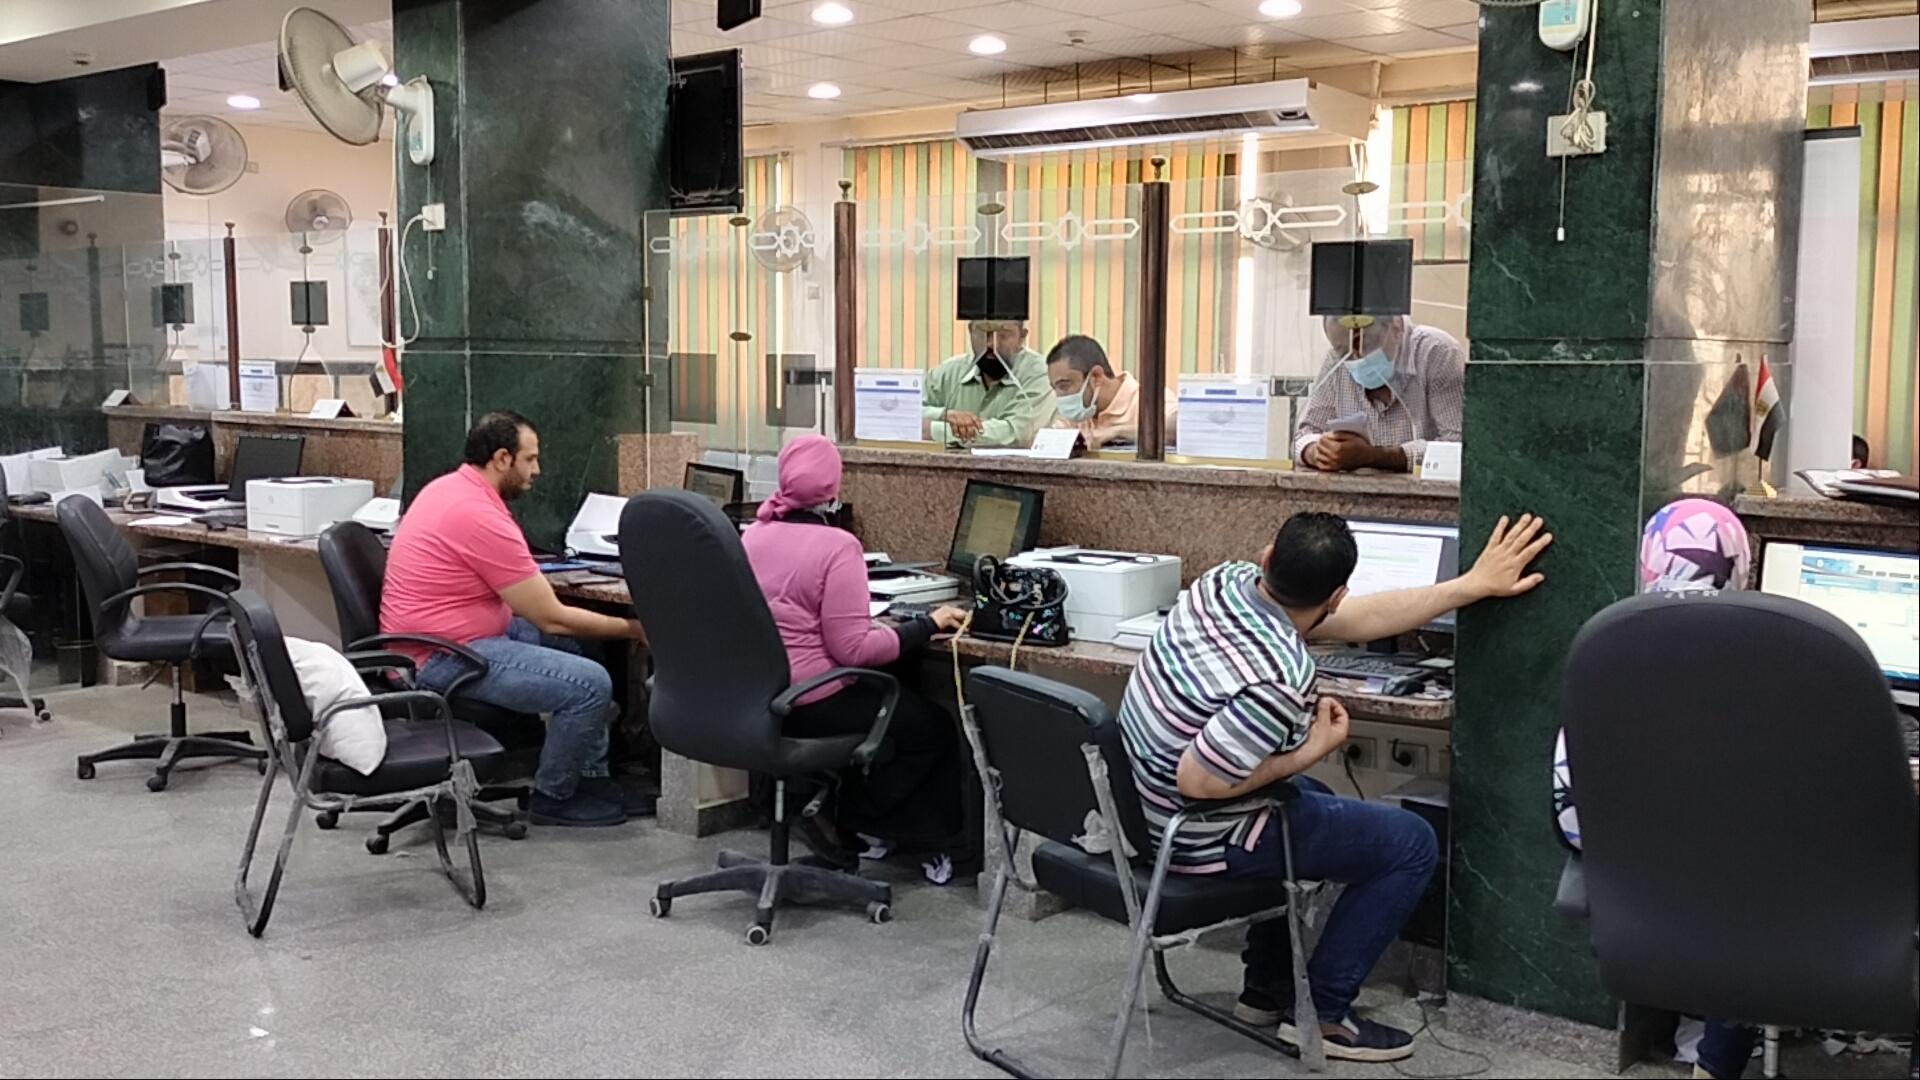 حى مصر الجديدة يستقبل الطلبات فى أول يوم لتطبيق المنظومة الجديدة